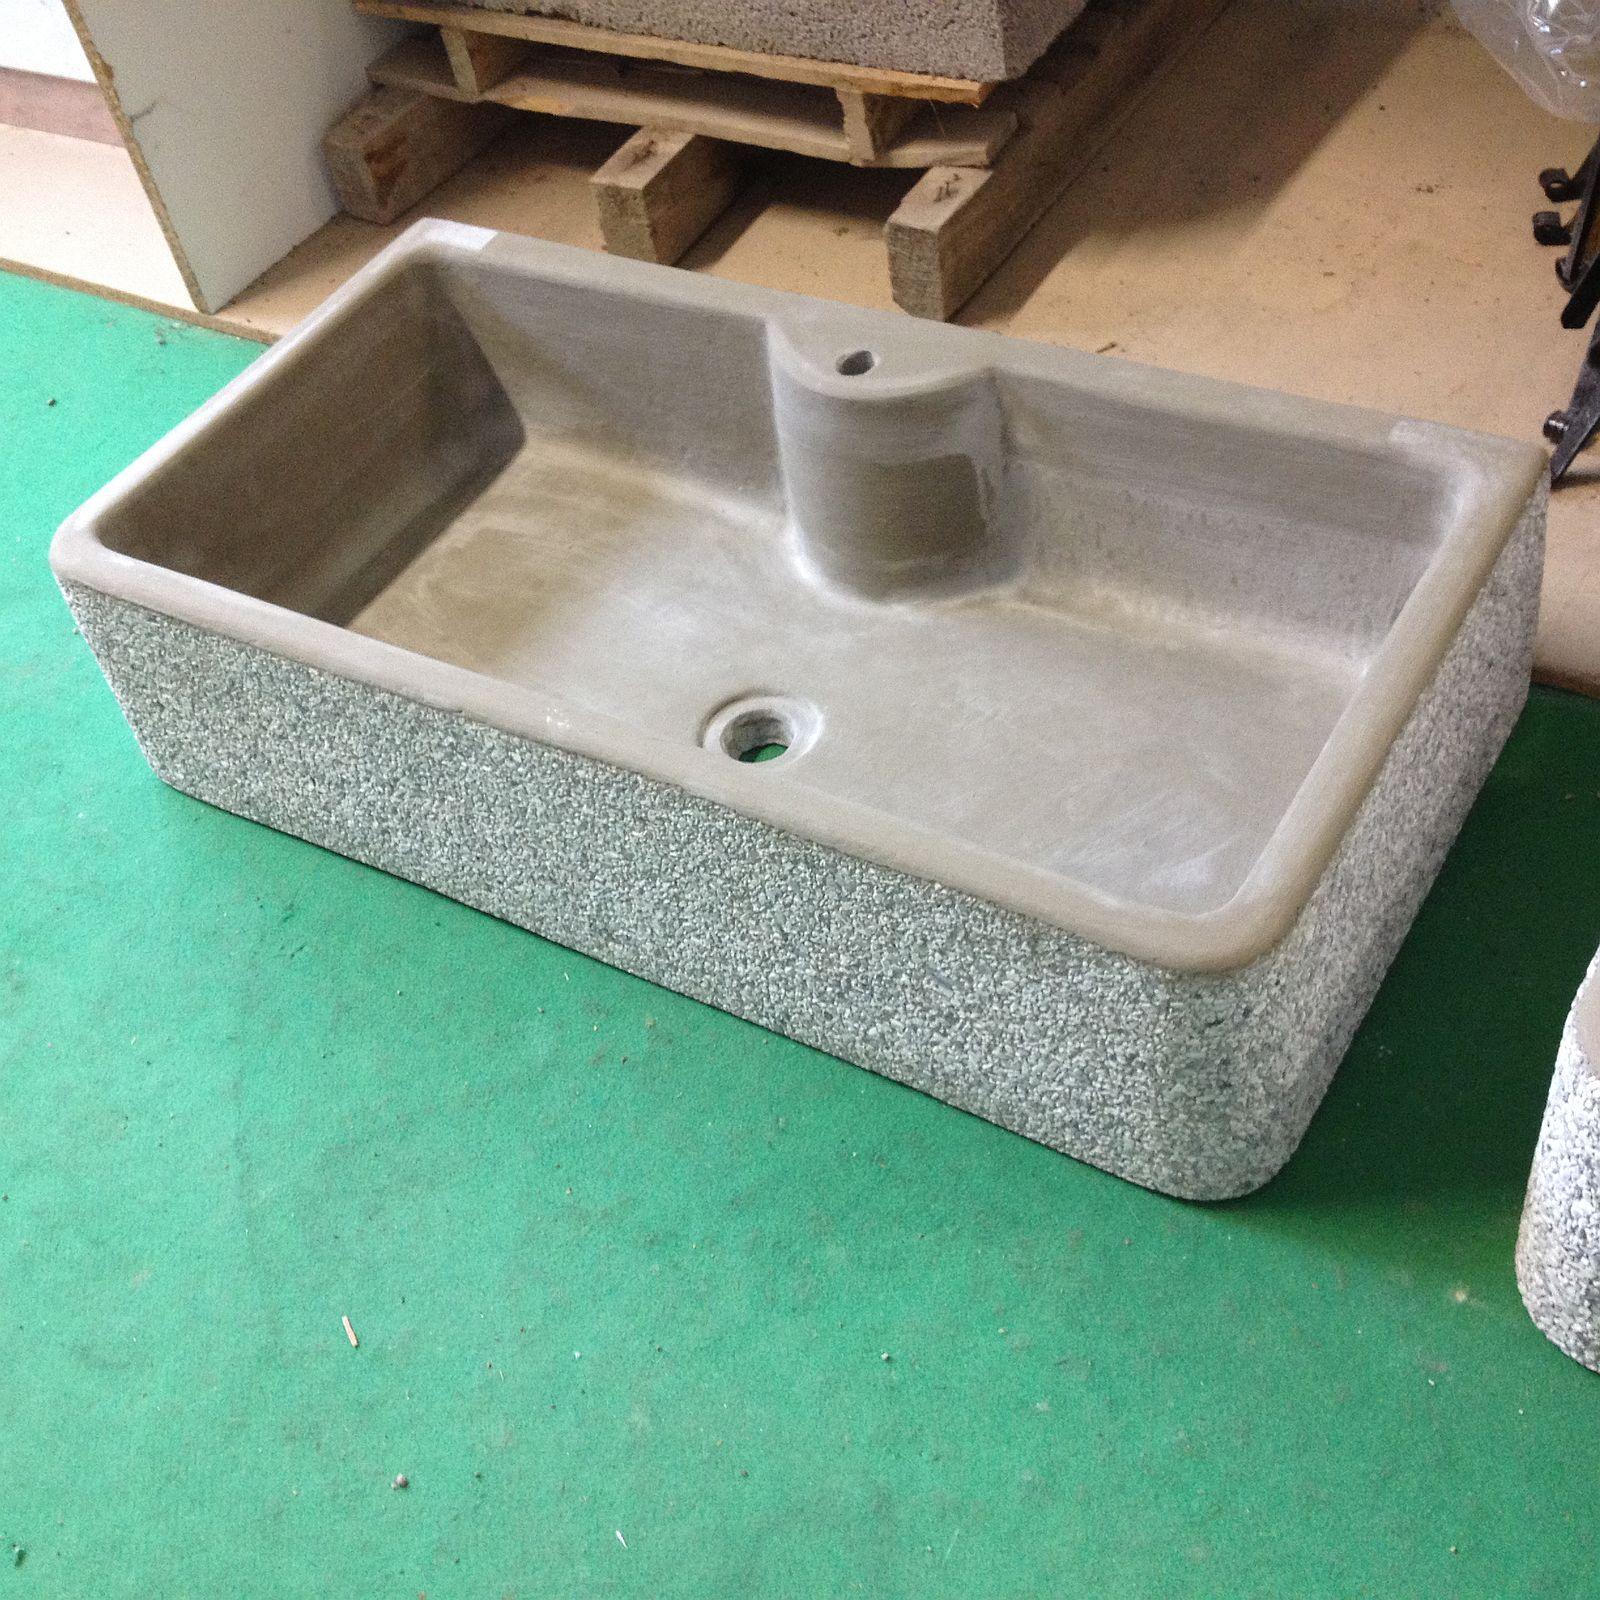 Lavandino lavello in cemento grigio granigliato una vasca cm 92 lav 1vasc 93 160 00 - Lavandino per giardino ...